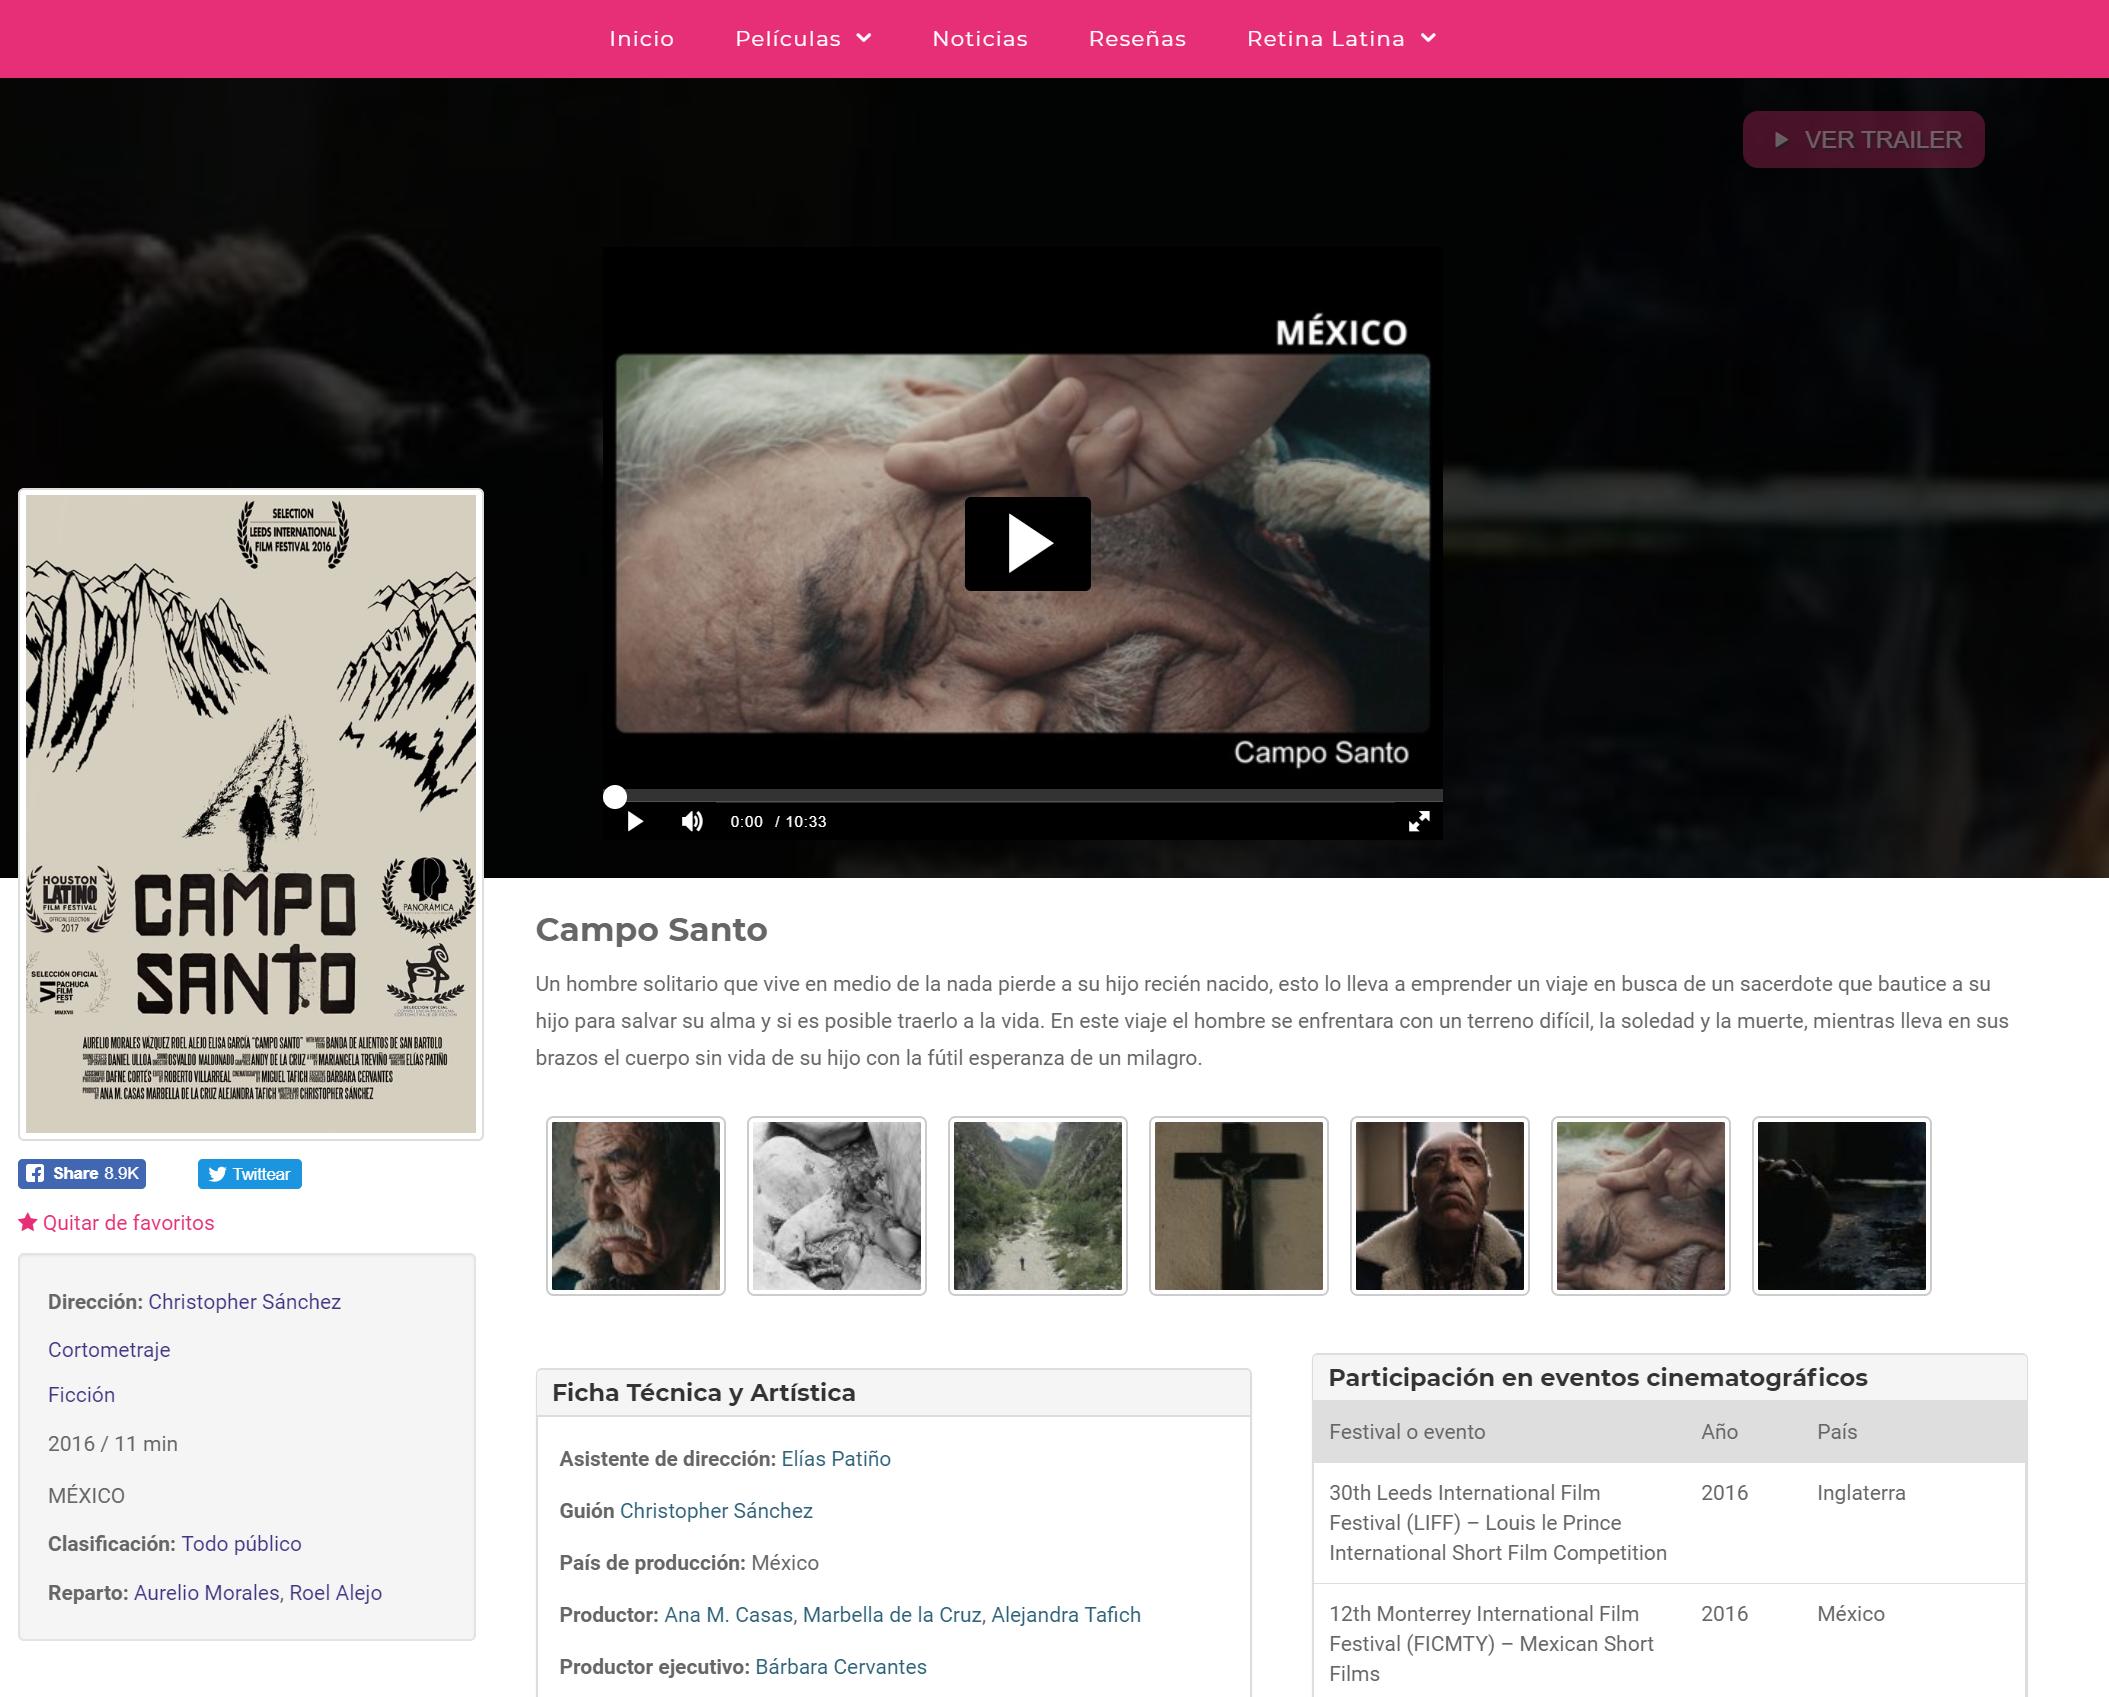 Viendo contenido en Retina Latina